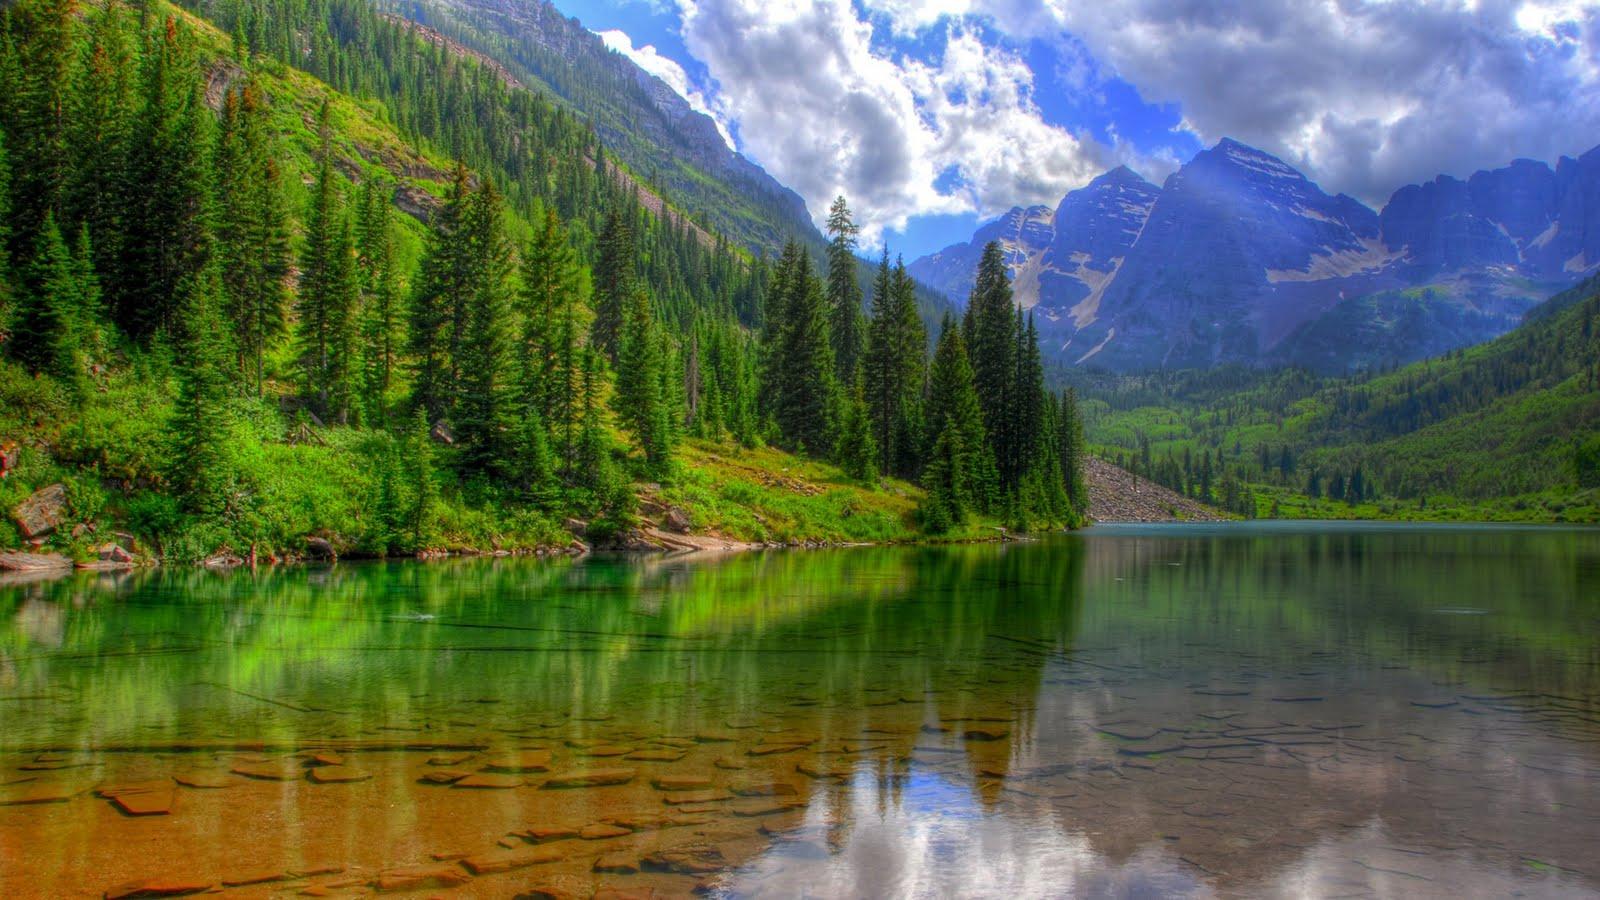 megapost de fondos e imagenes de paisajes(pack imagenes 5)